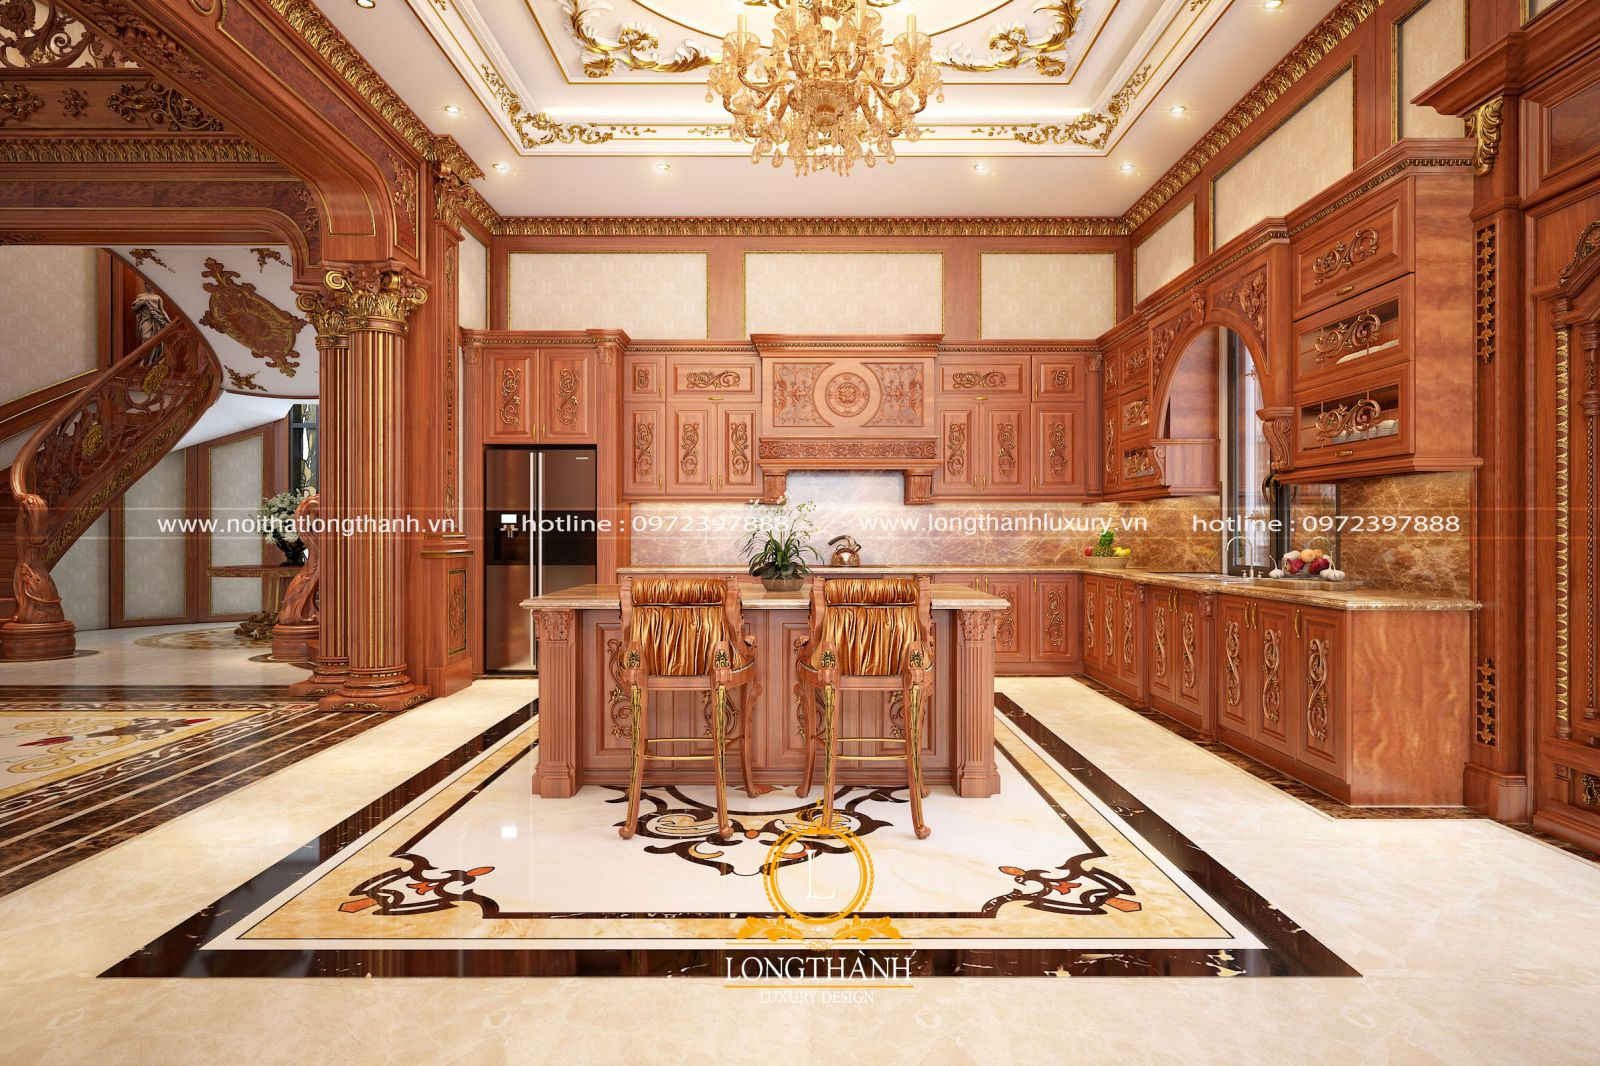 Thiết kế tủ bếp gỗ gõ đỏ mạ vàng cho nhà biệt thự rộng